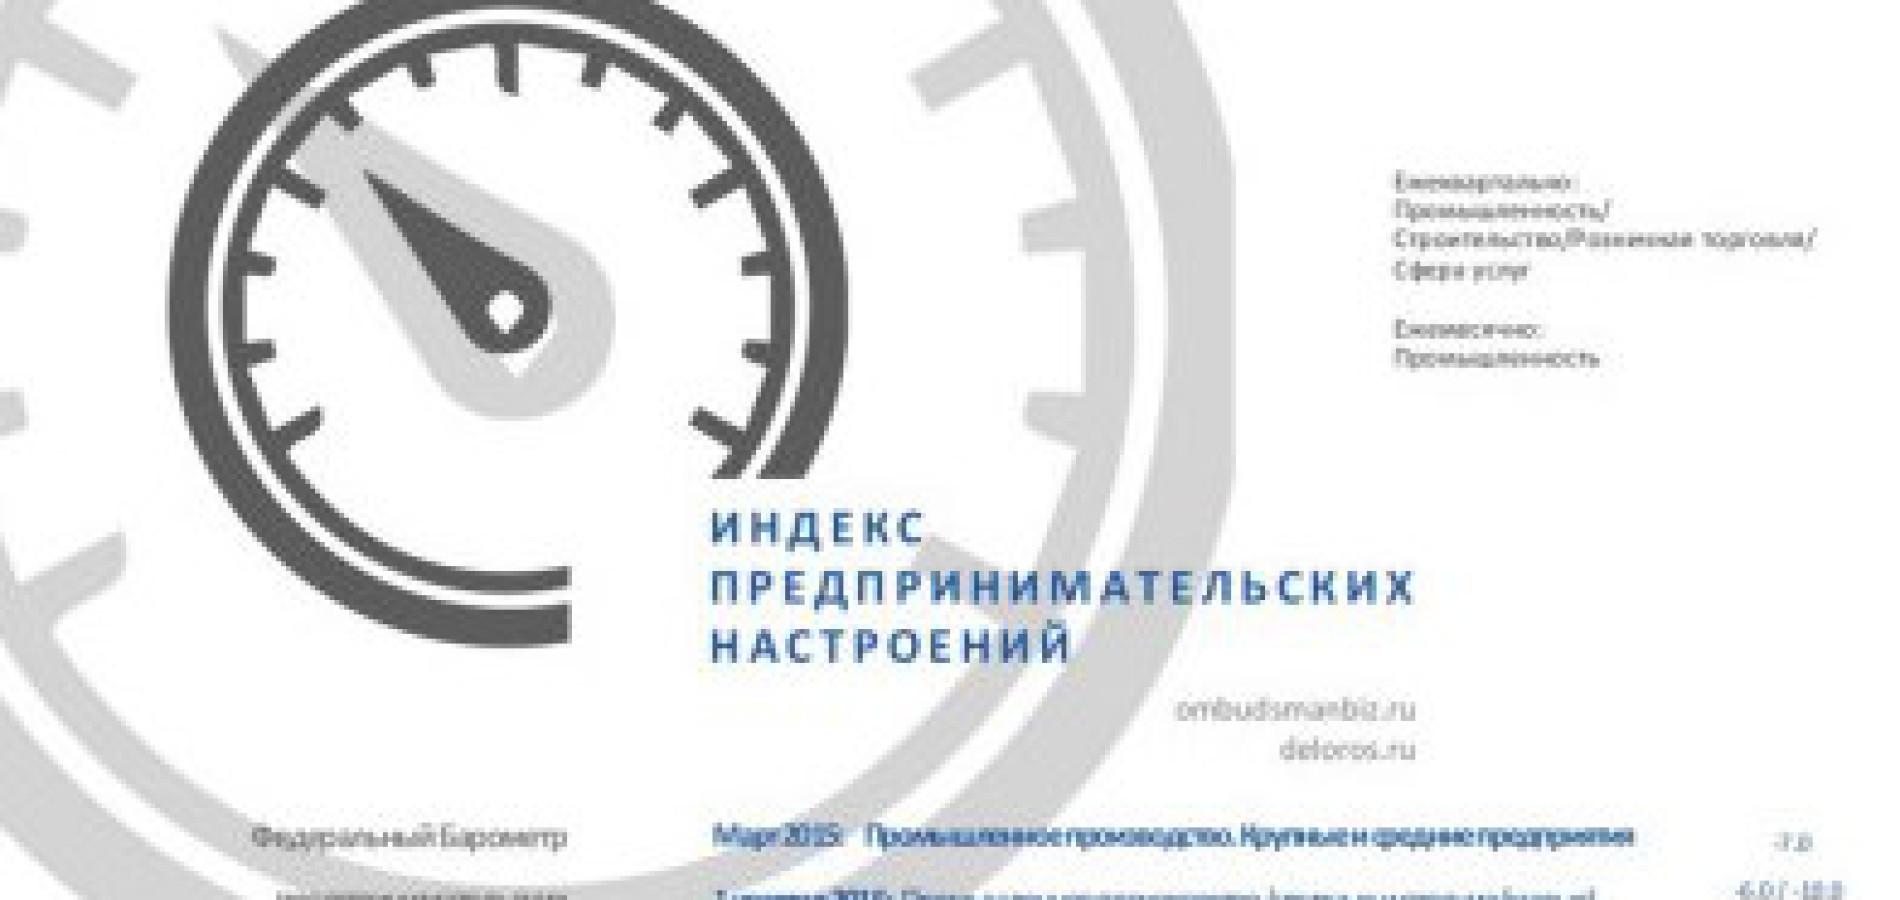 Презентация ежемесячного и ежеквартального мониторинговых исследований «Барометр предпринимательских настроений» (июнь+2квартал)